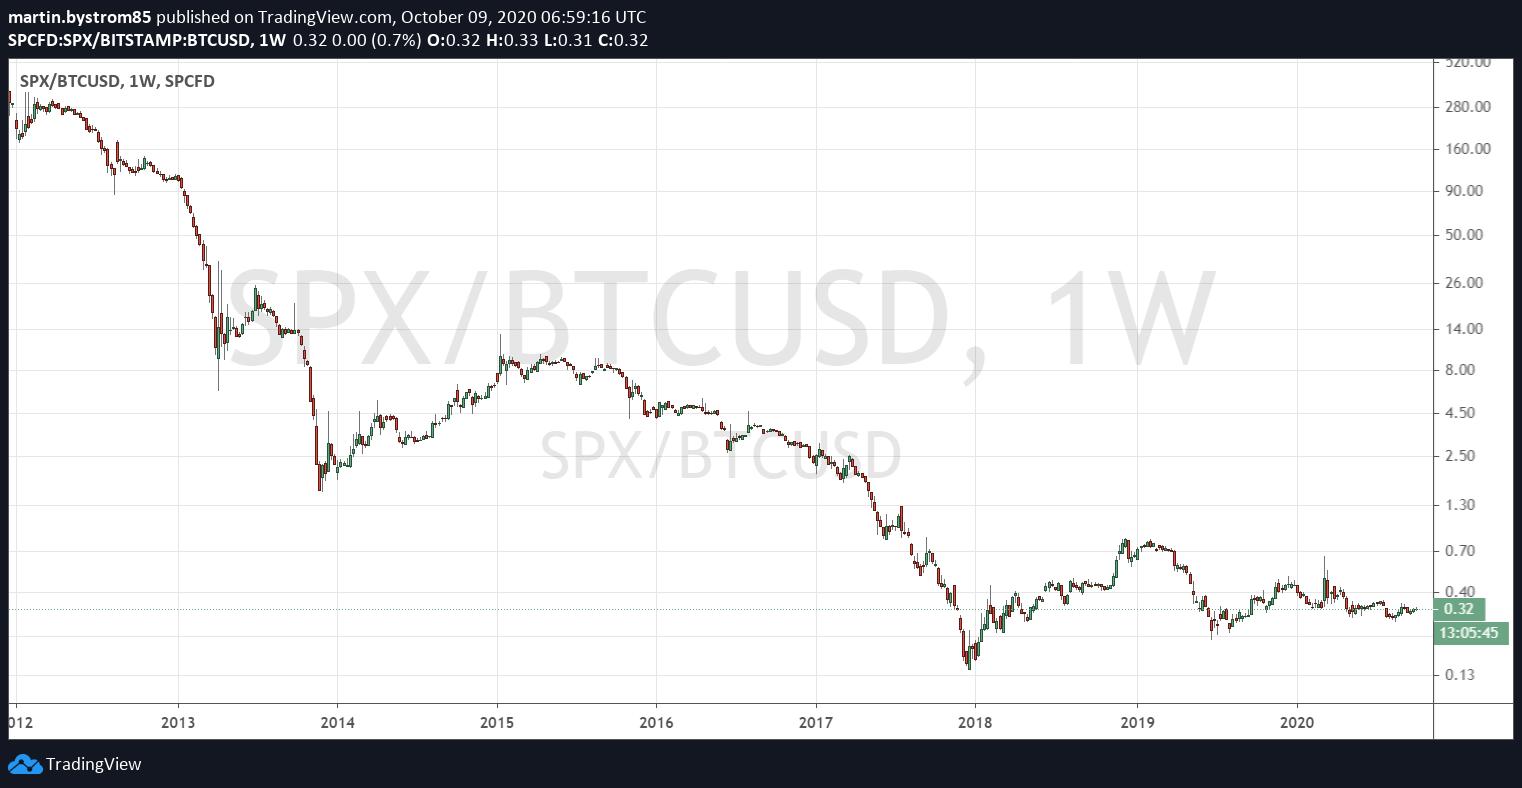 S&P 500 historisk utveckling mätt i Bitcoin. Blå staplar indikerar när halvering har skett.